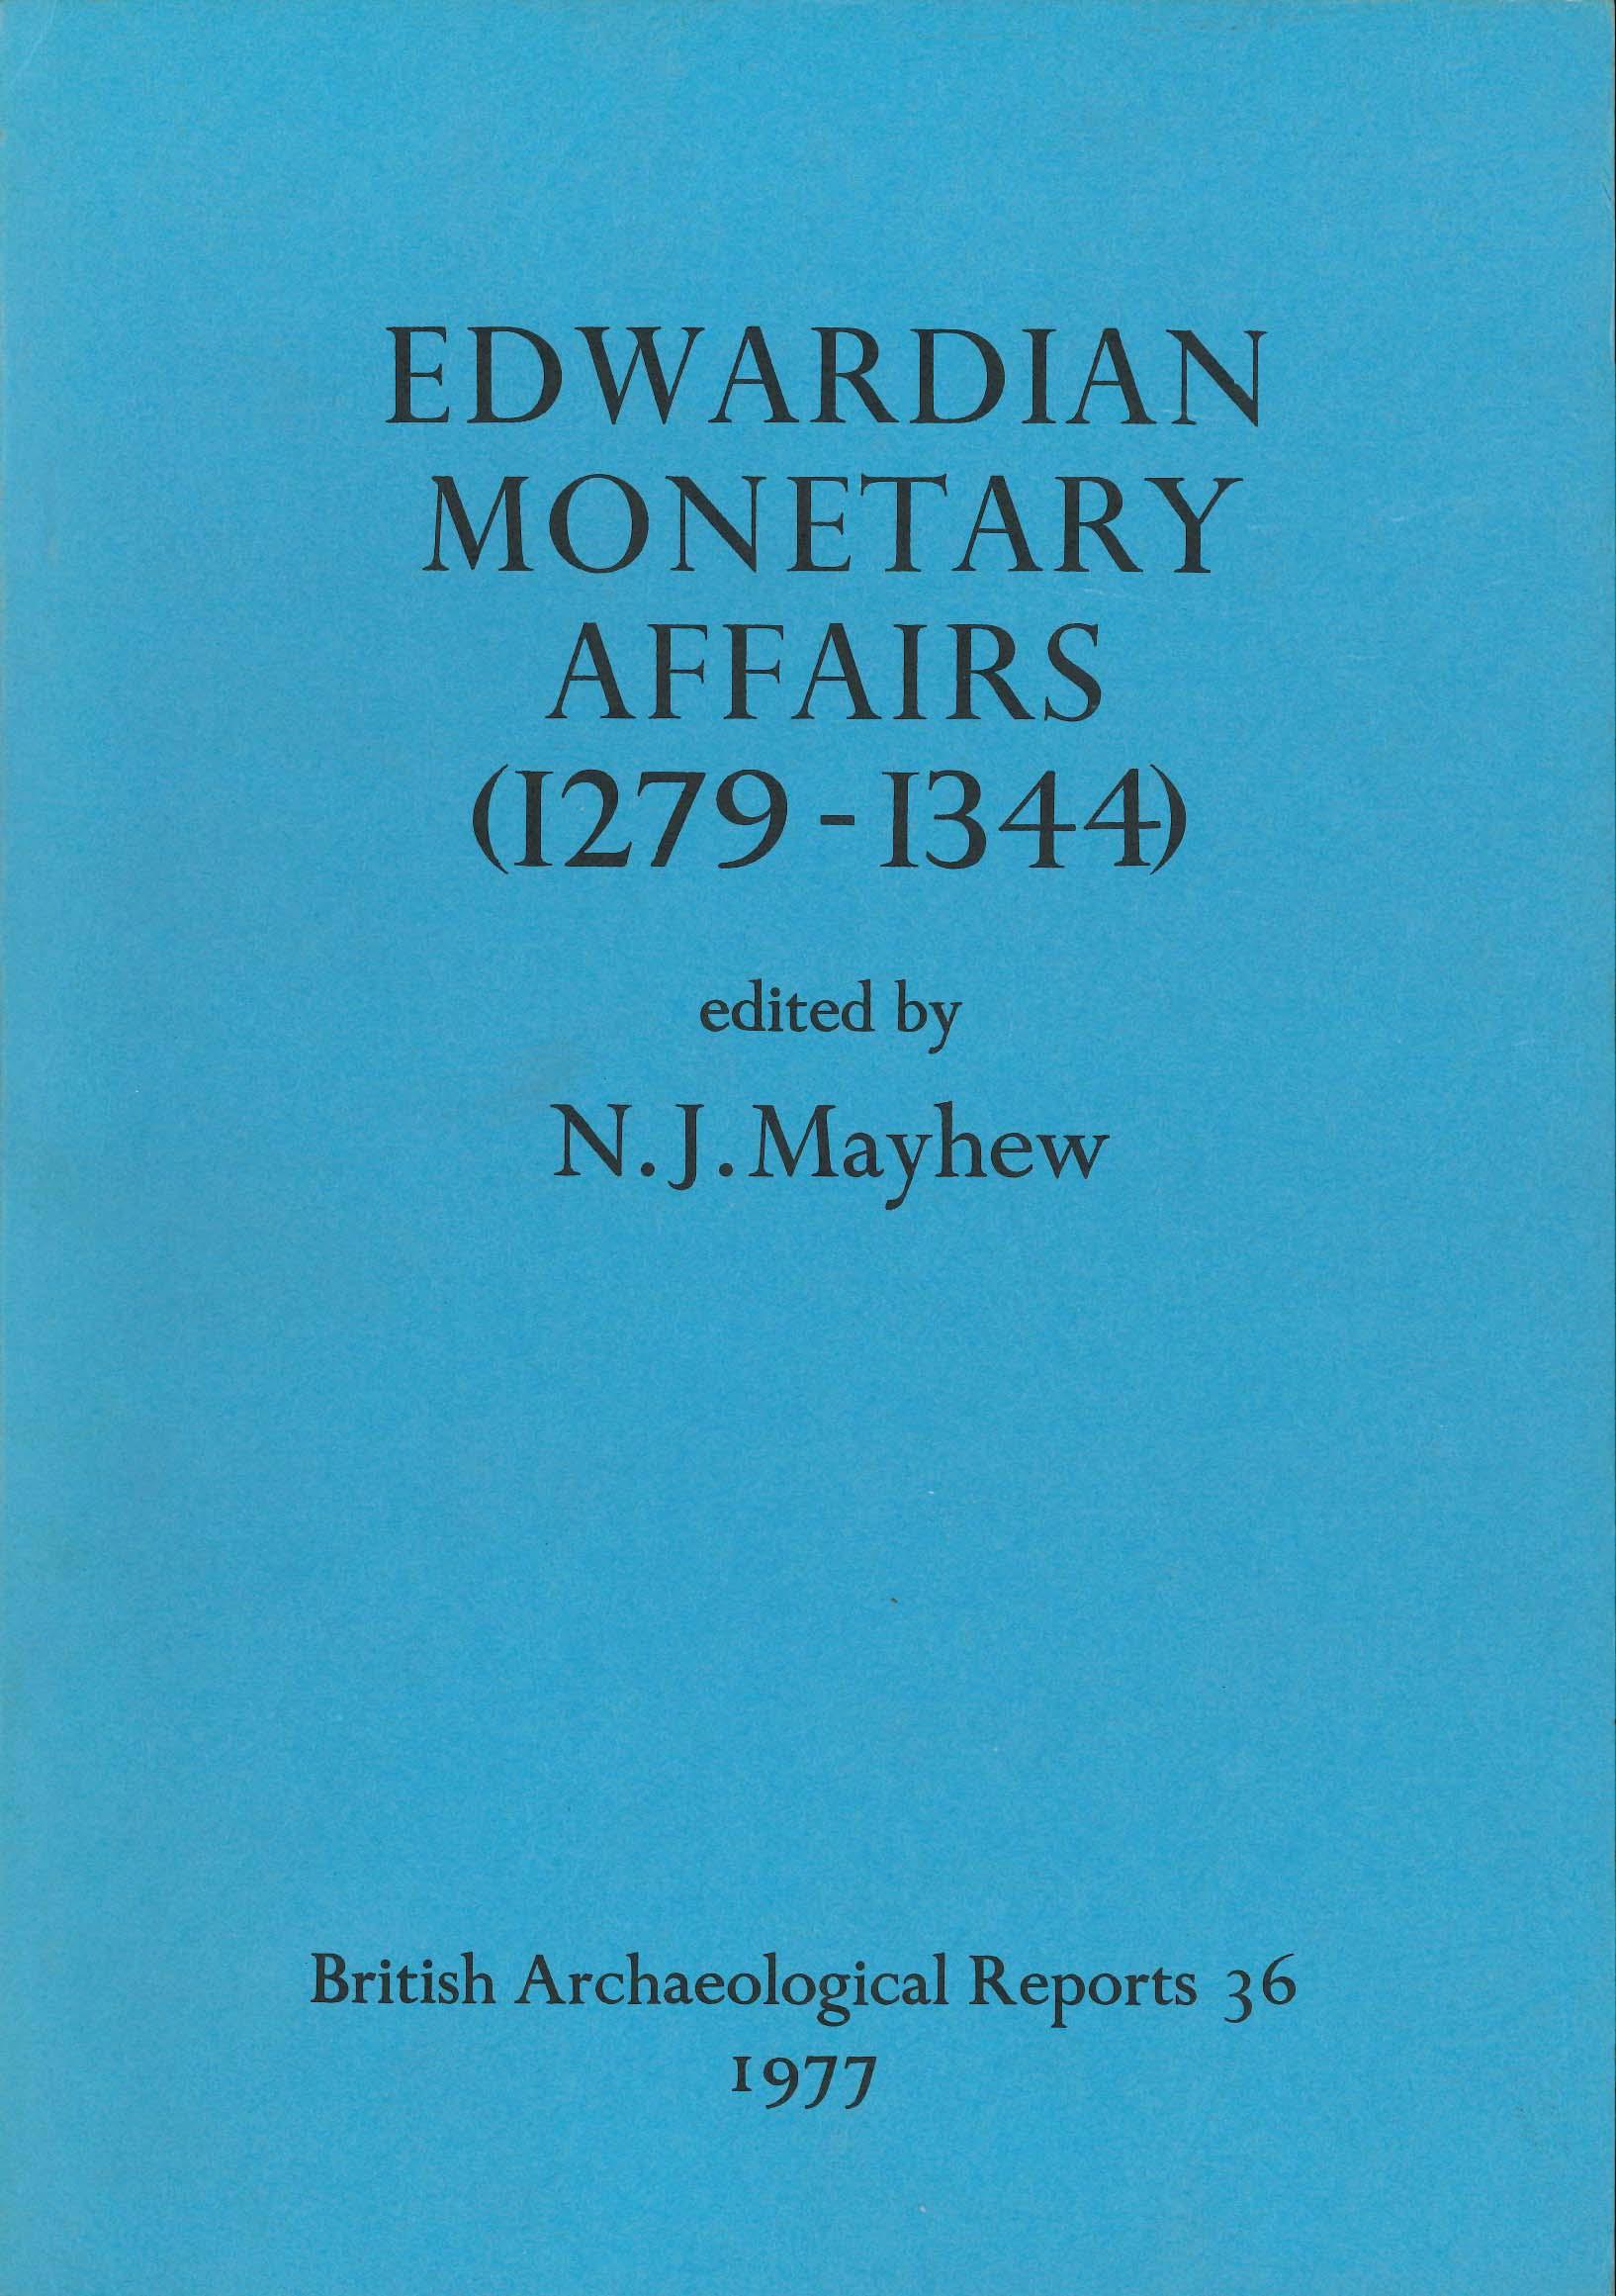 Edwardian Monetary Affairs (1279-1344)